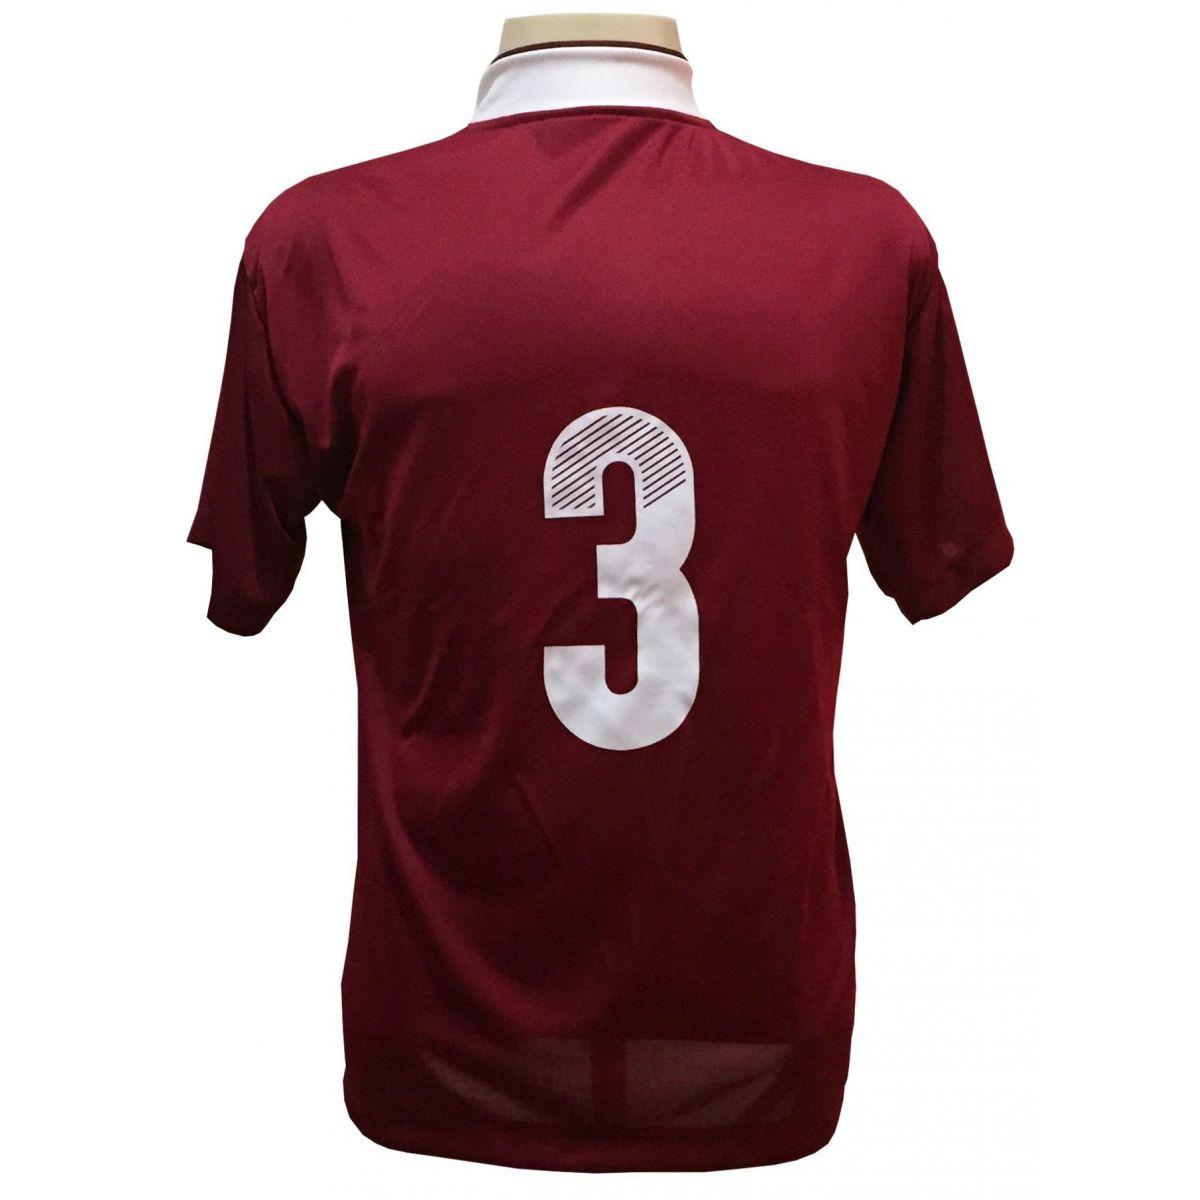 Uniforme Esportivo com 14 camisas modelo Suécia Vinho/Branco + 14 calções modelo Madrid + 1 Goleiro + Brindes